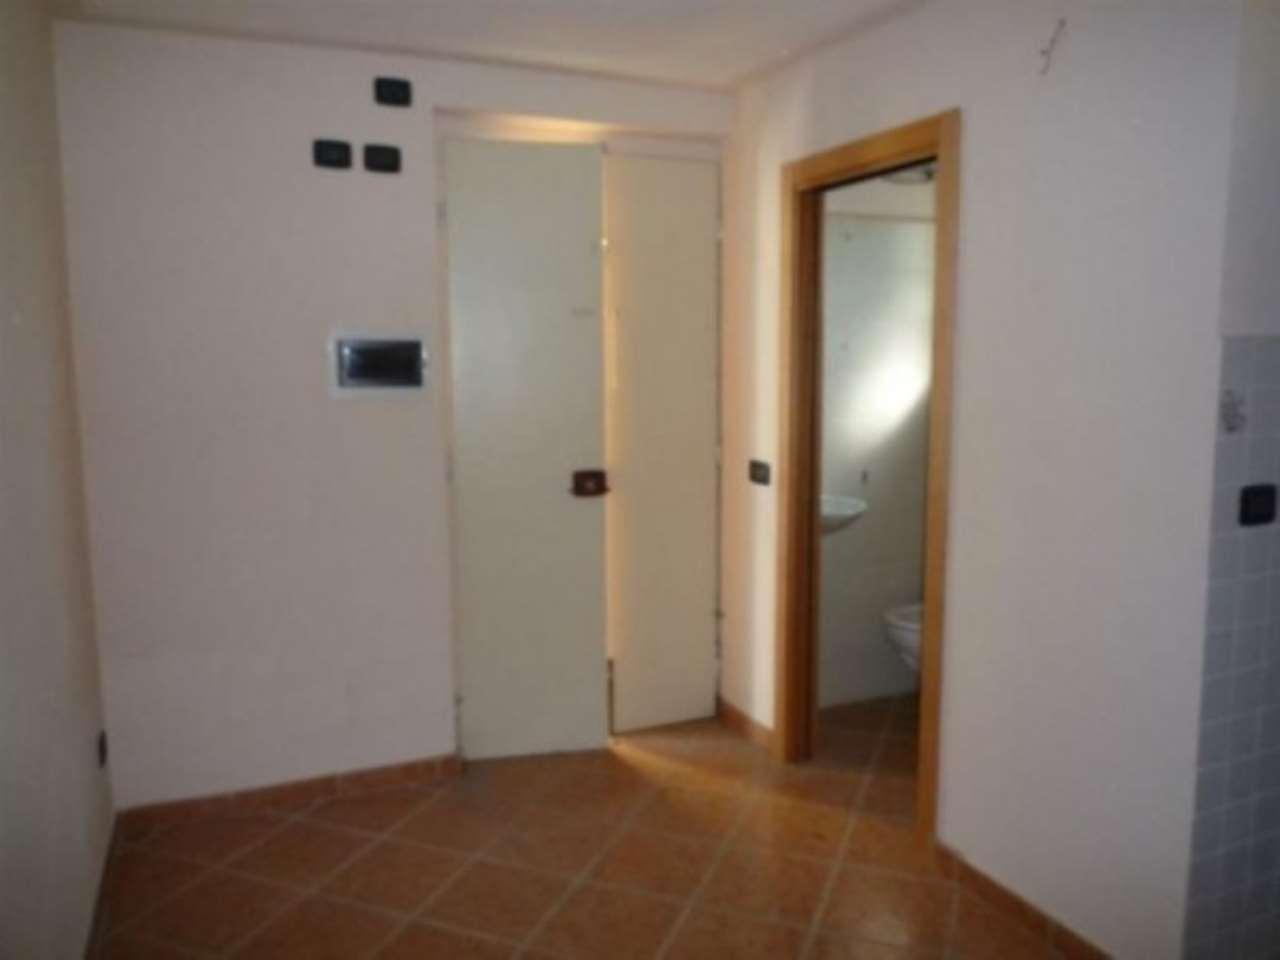 Soluzione Indipendente in vendita a Agliana, 2 locali, prezzo € 47.000 | Cambio Casa.it